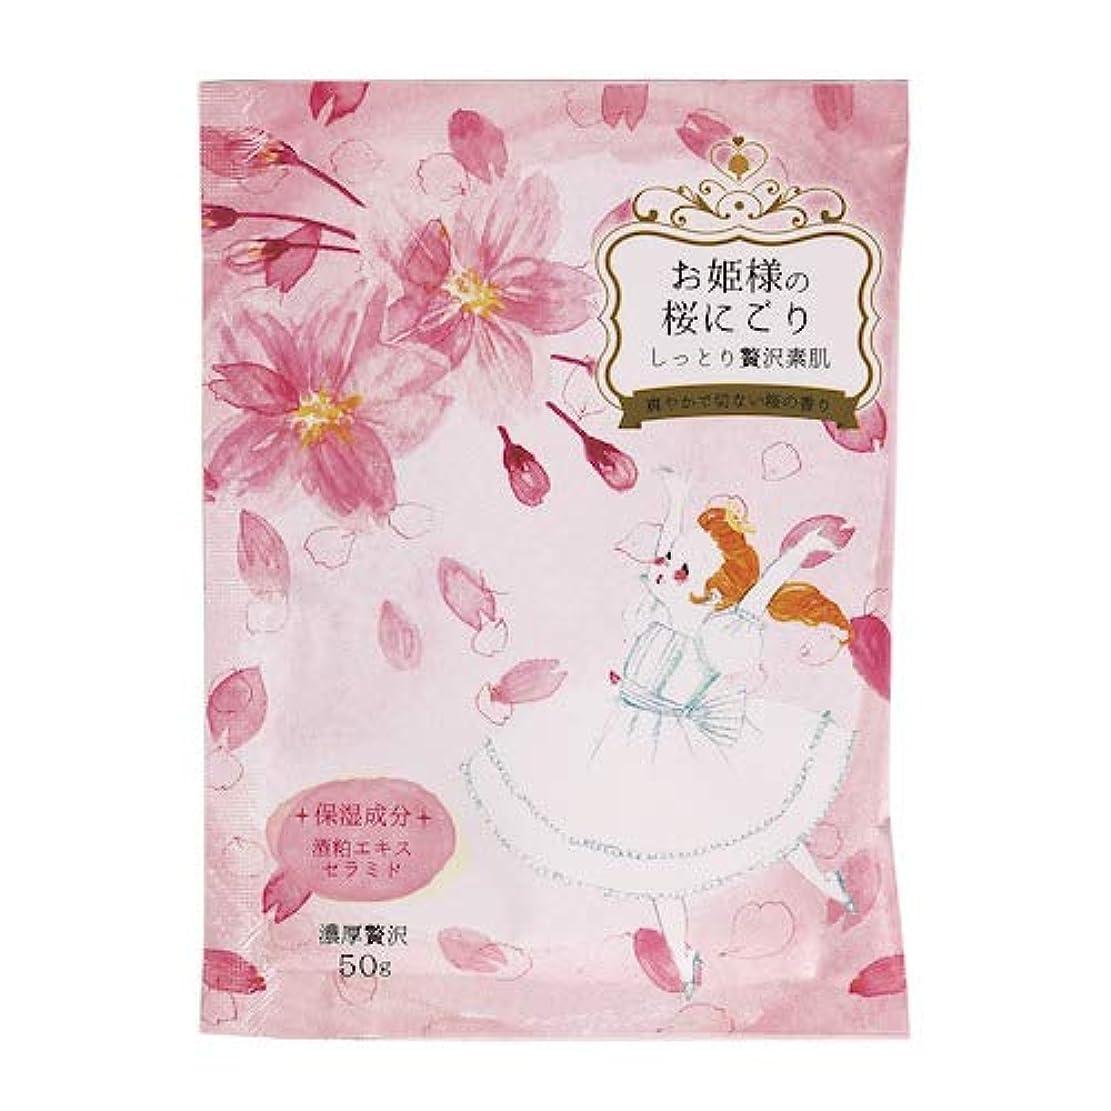 弾性フロー必需品紀陽除虫菊 お姫様の桜にごり 50g